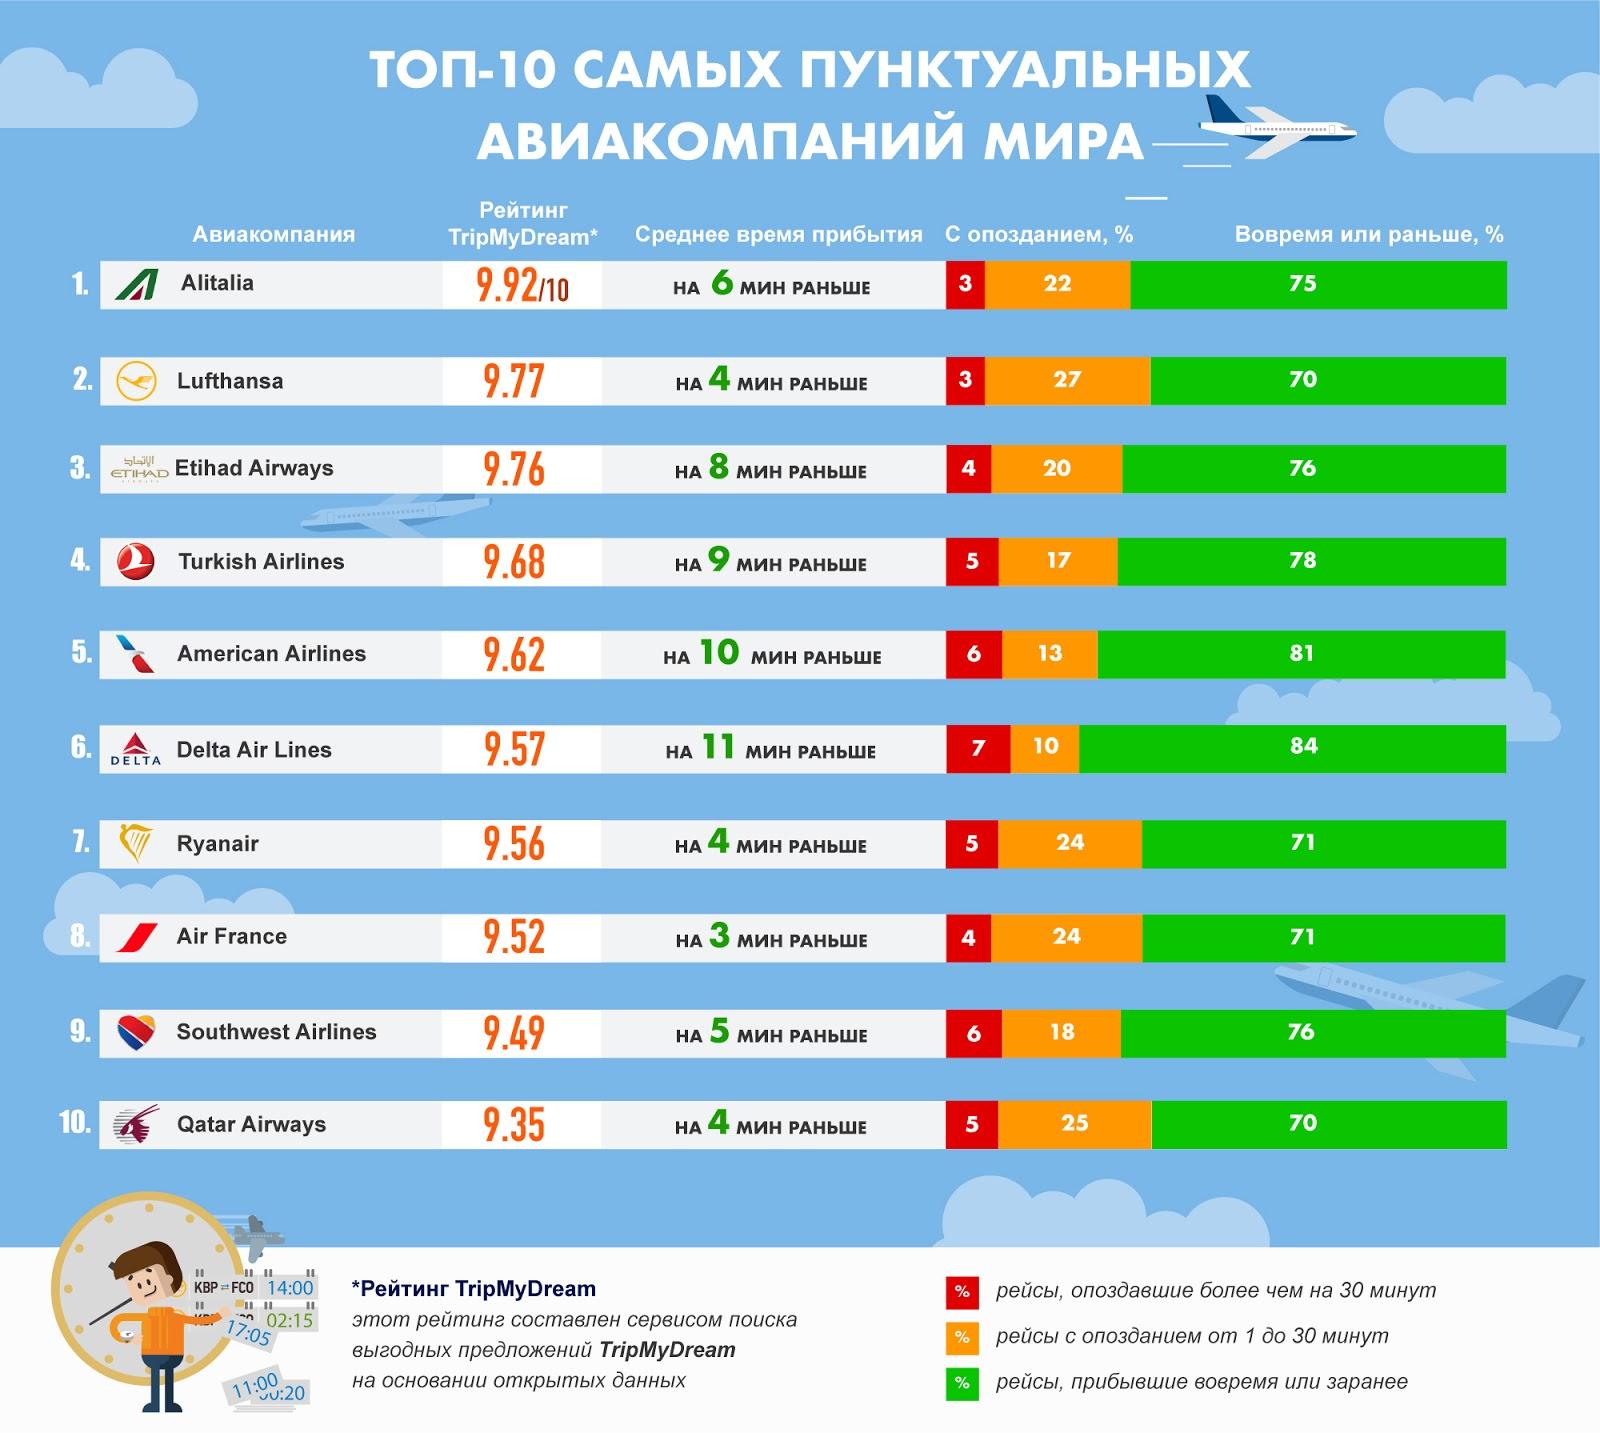 Рейтинг самых пунктуальных авиакомпаний: инфографика